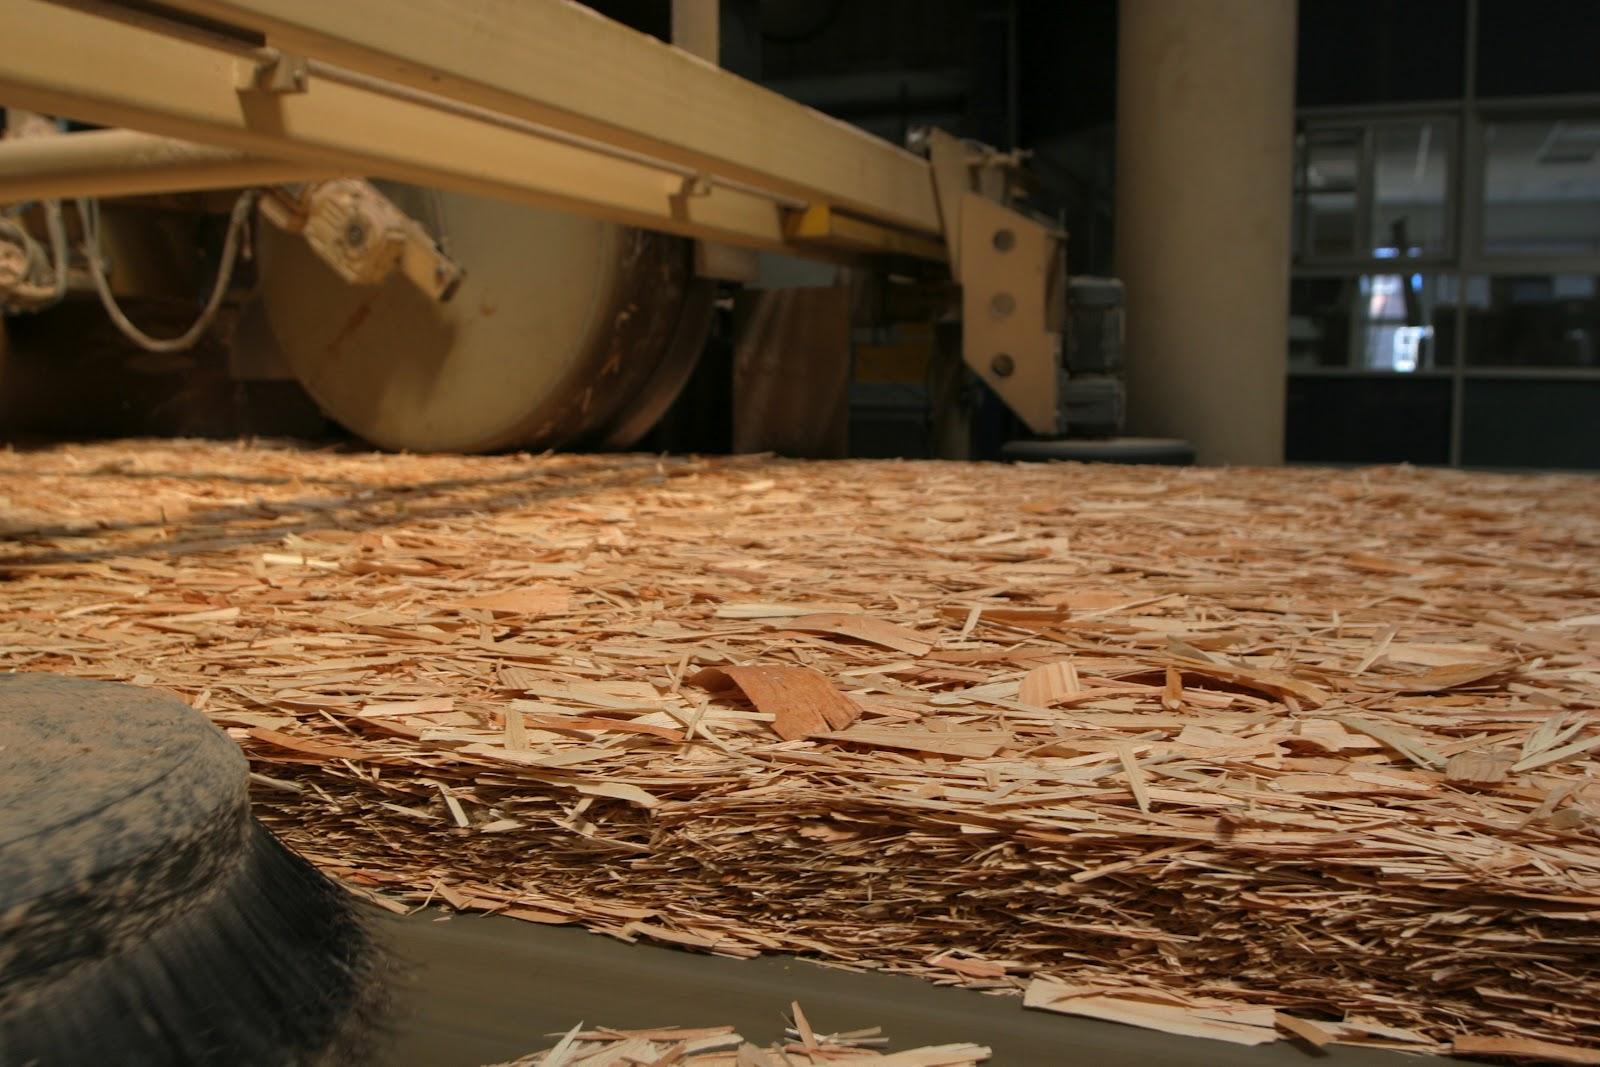 Osb vs plywood sheathing matt risinger blog for Green board exterior sheathing